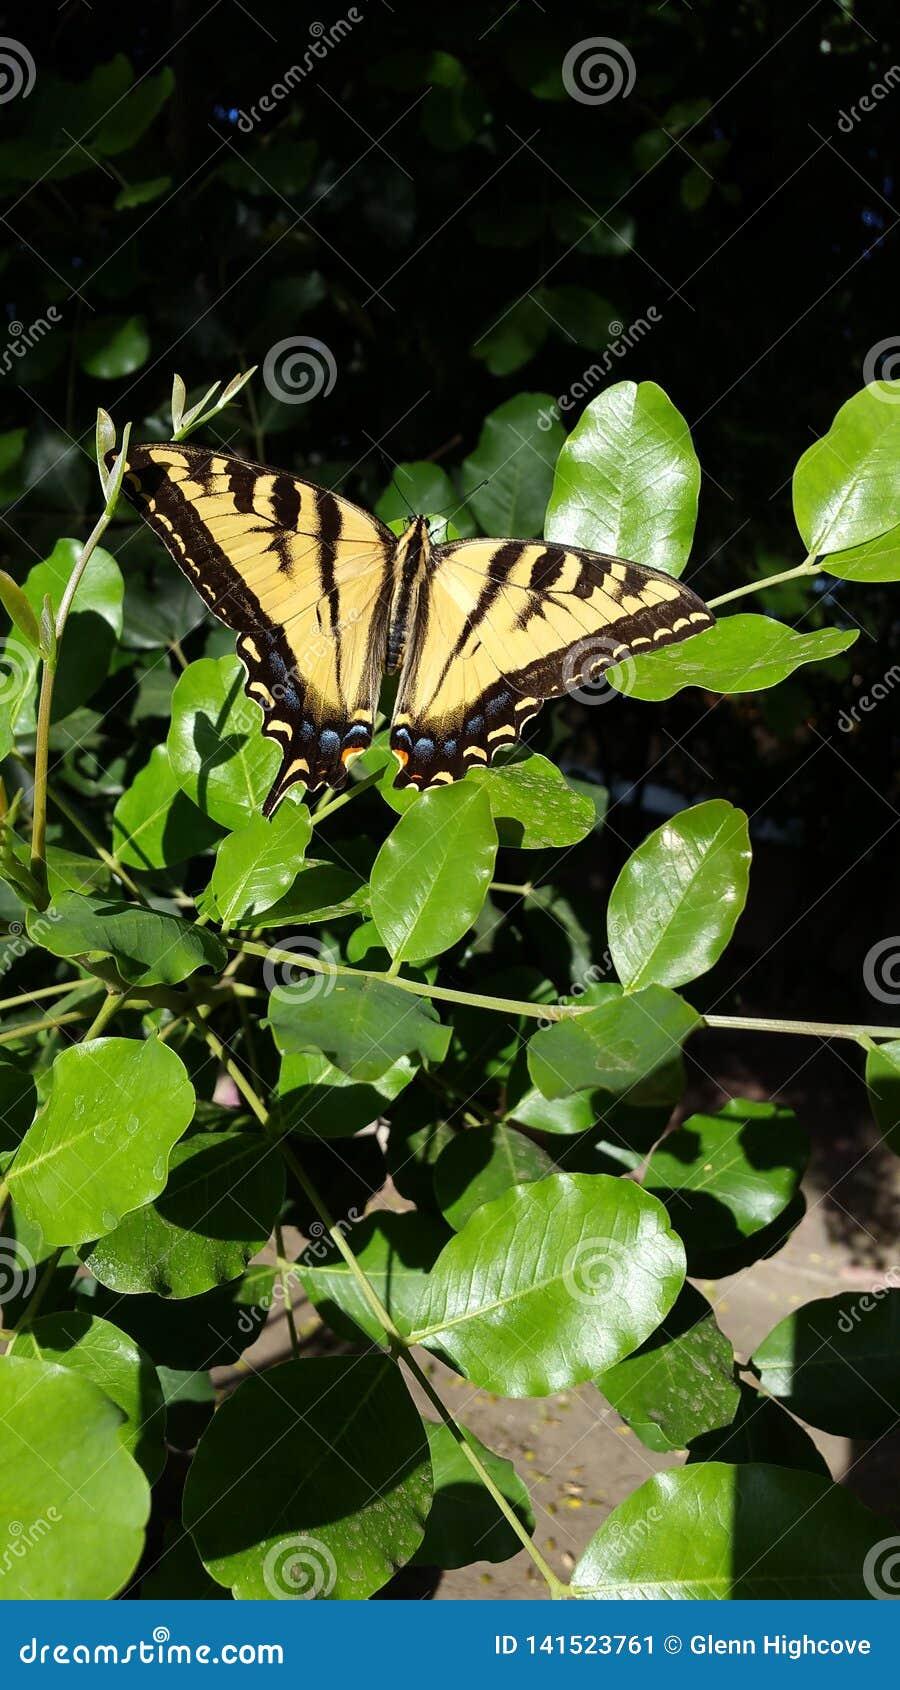 Гигантская бабочка Swallowtail тигра на зеленом цвете покидает высокое разрешение